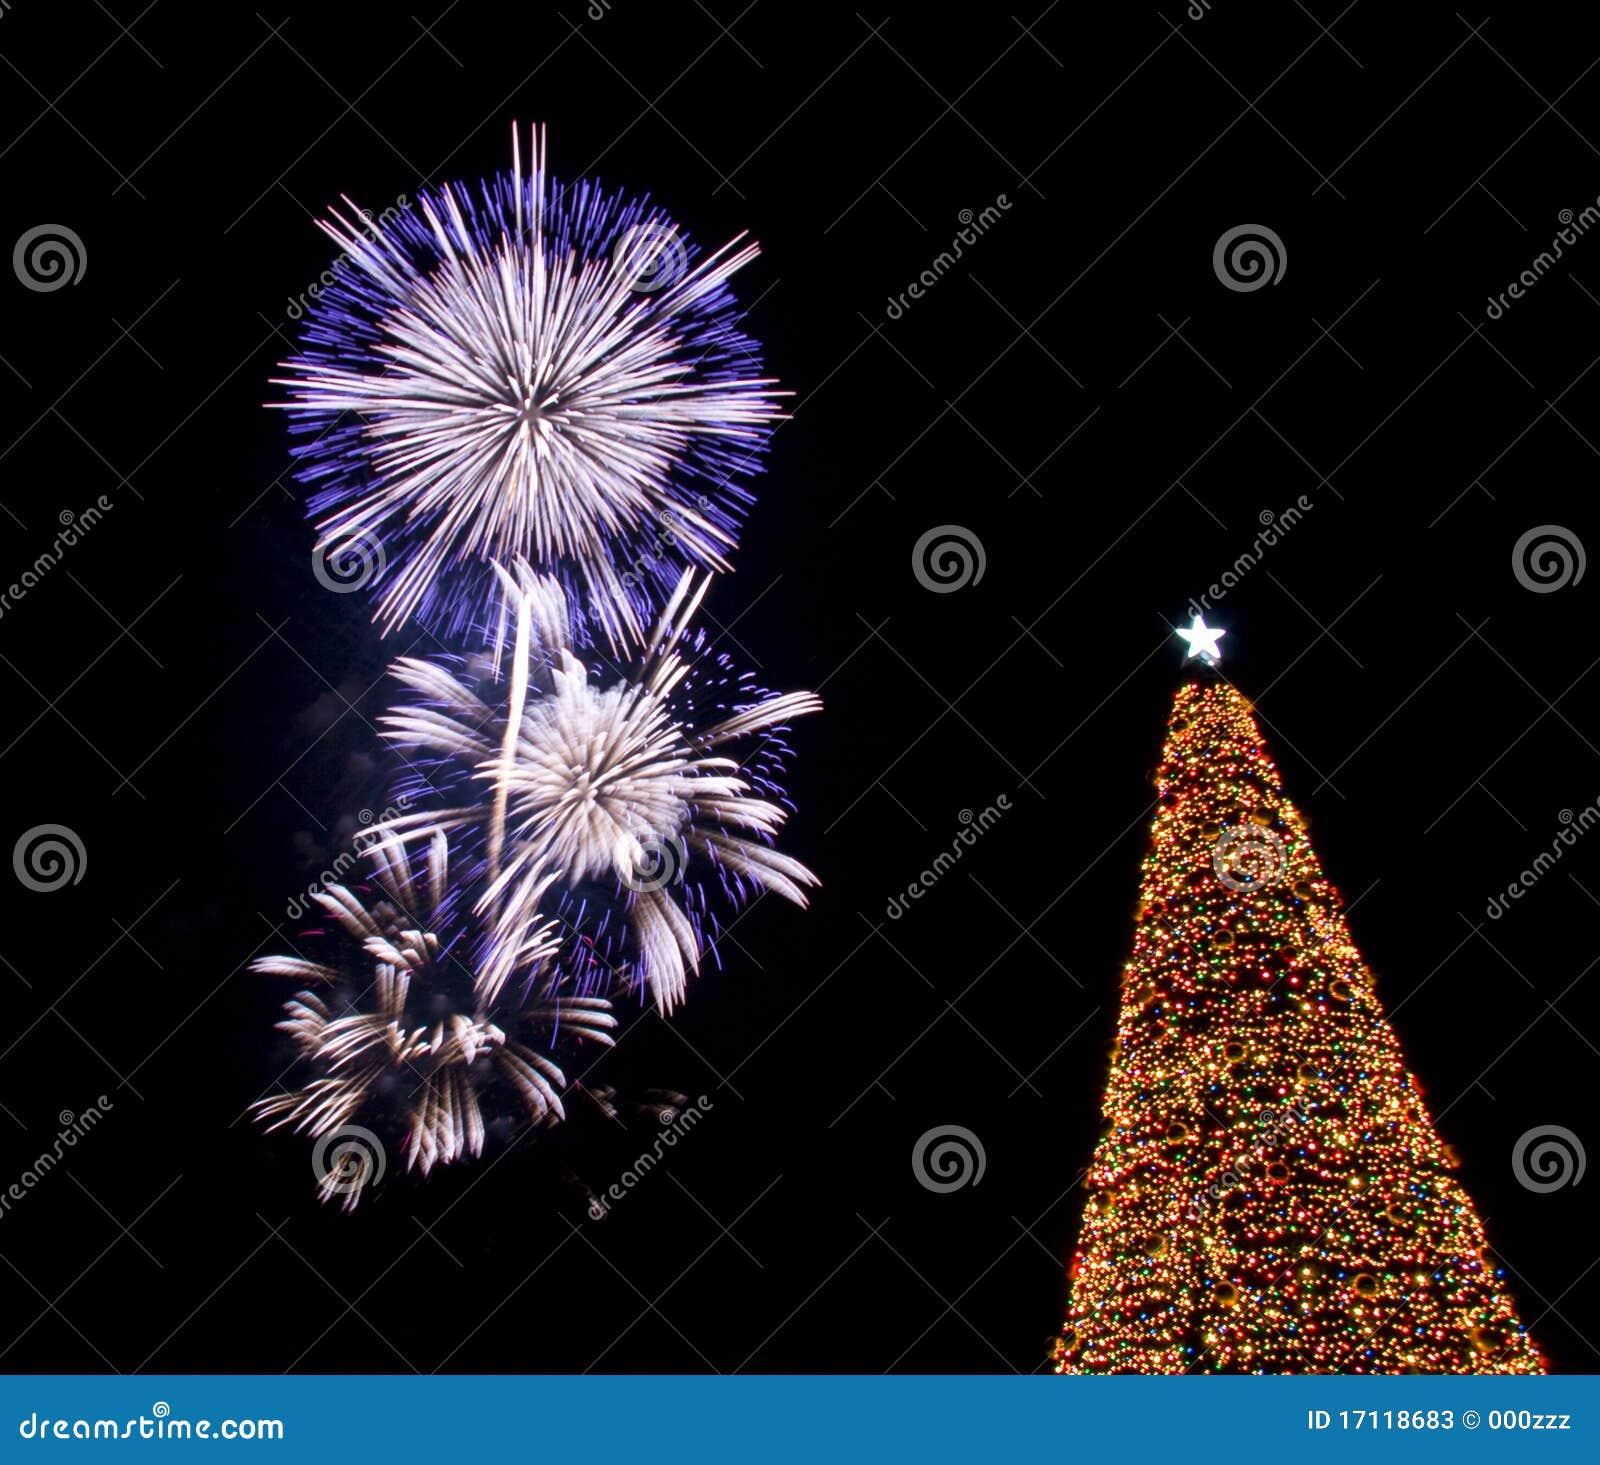 Fuegos artificiales sobre el rbol de navidad fotos de - Arboles de navidad artificiales ...